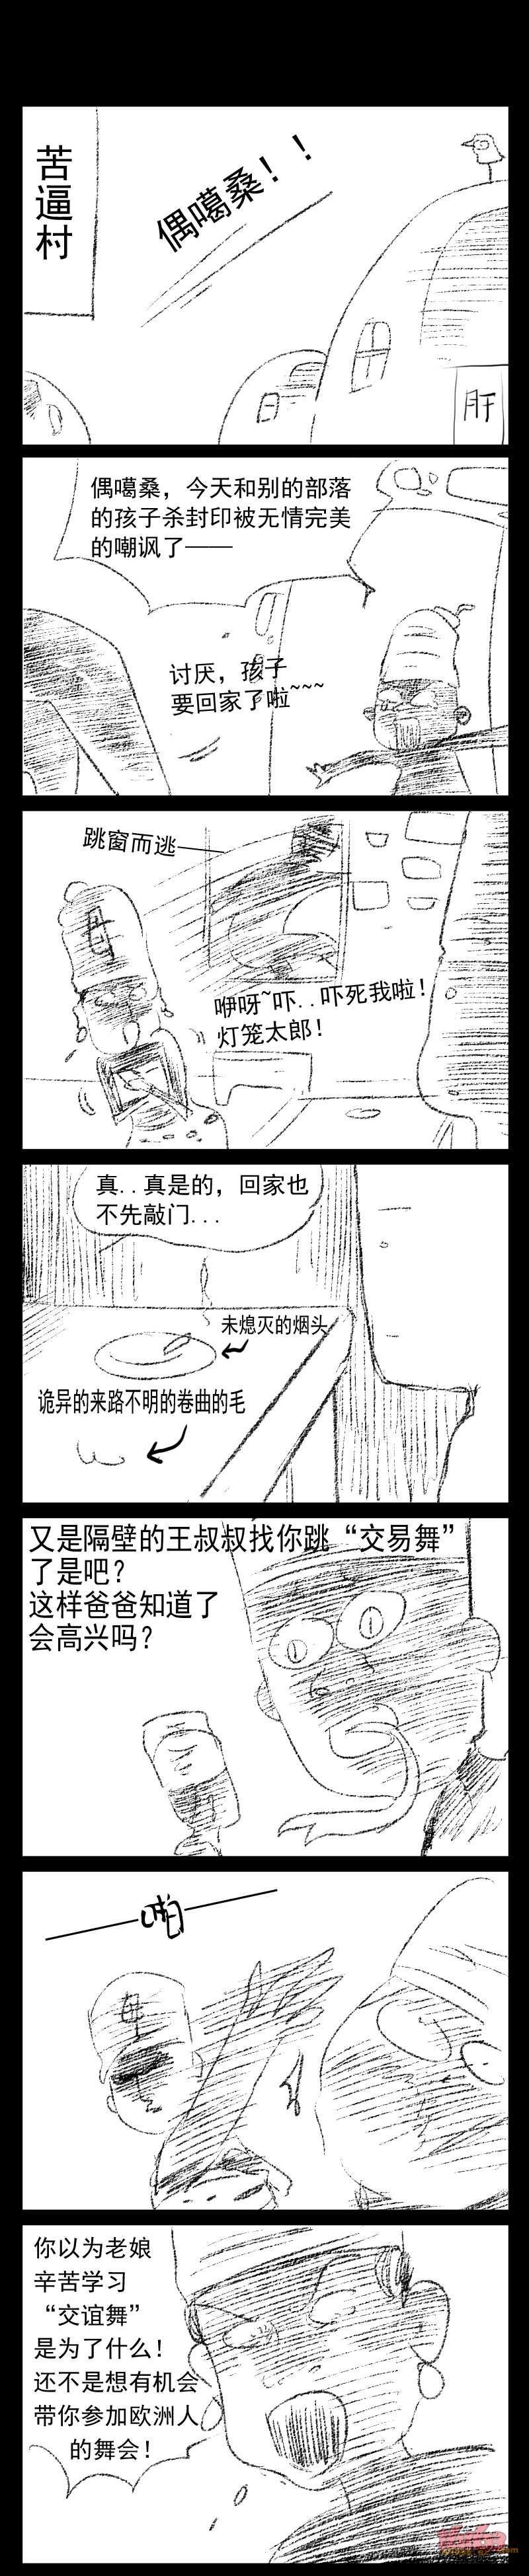 阴阳师条漫4.jpg